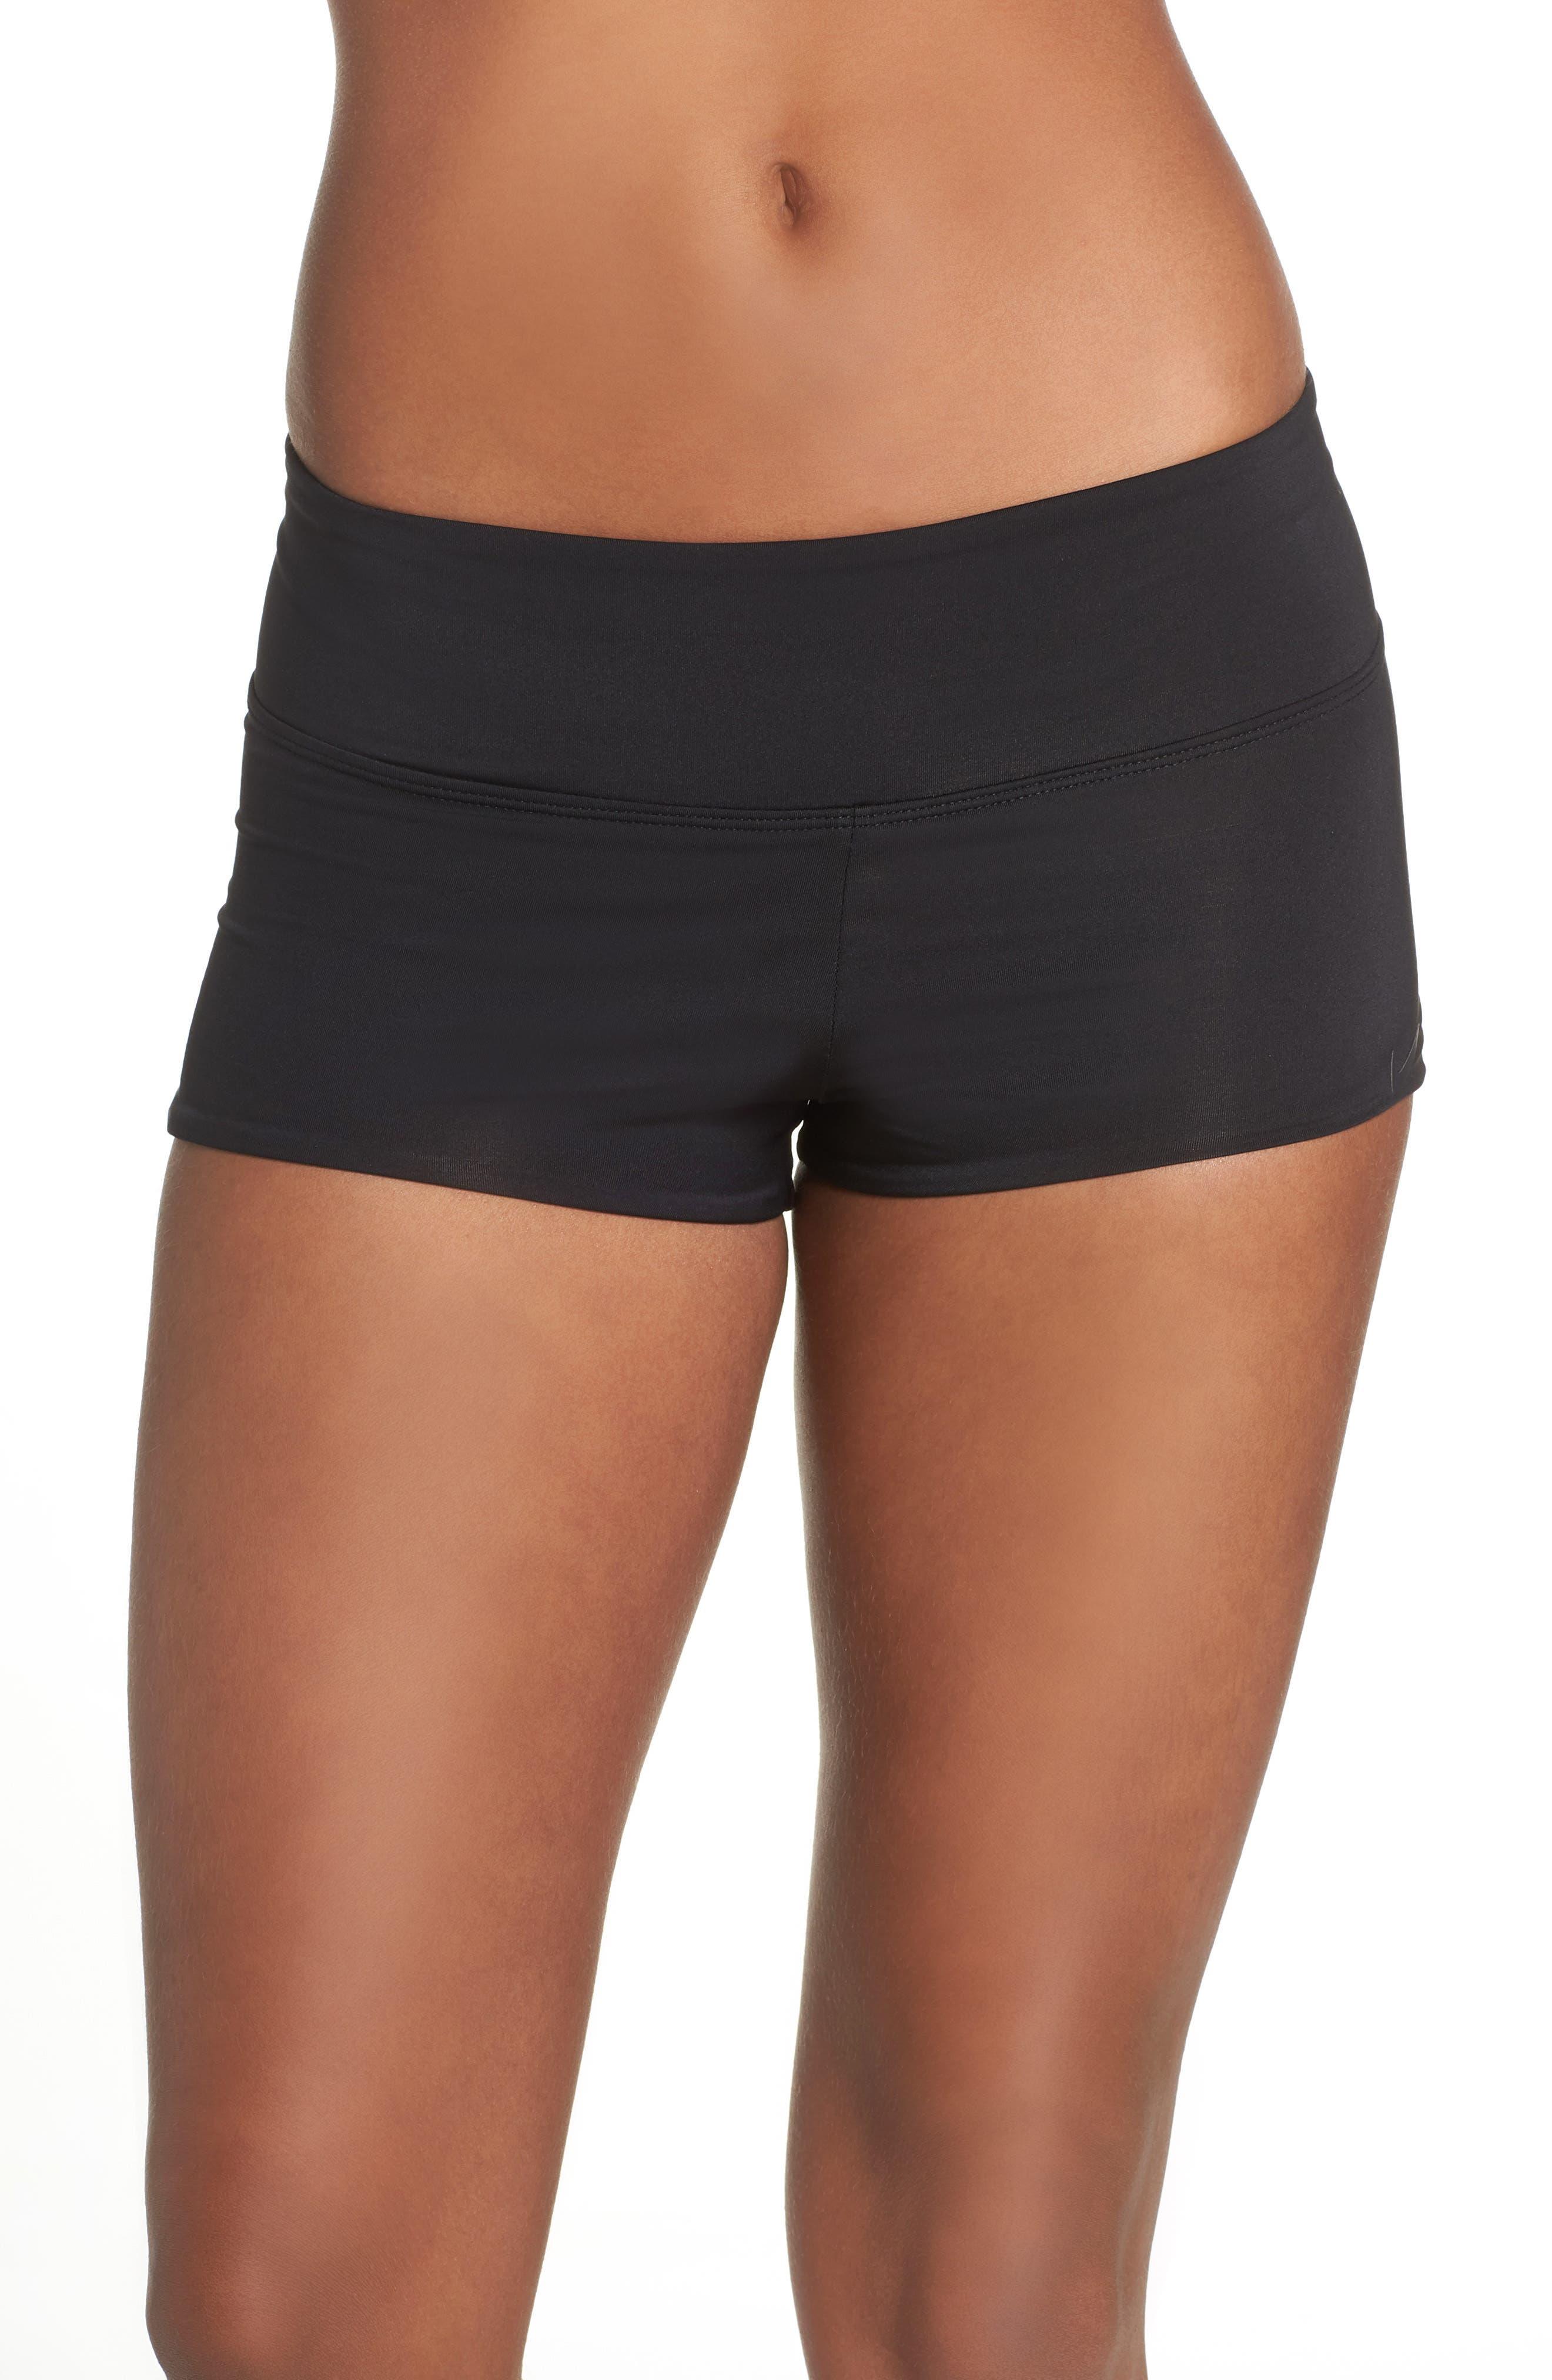 NIKE Kick Swim Shorts, Main, color, BLACK